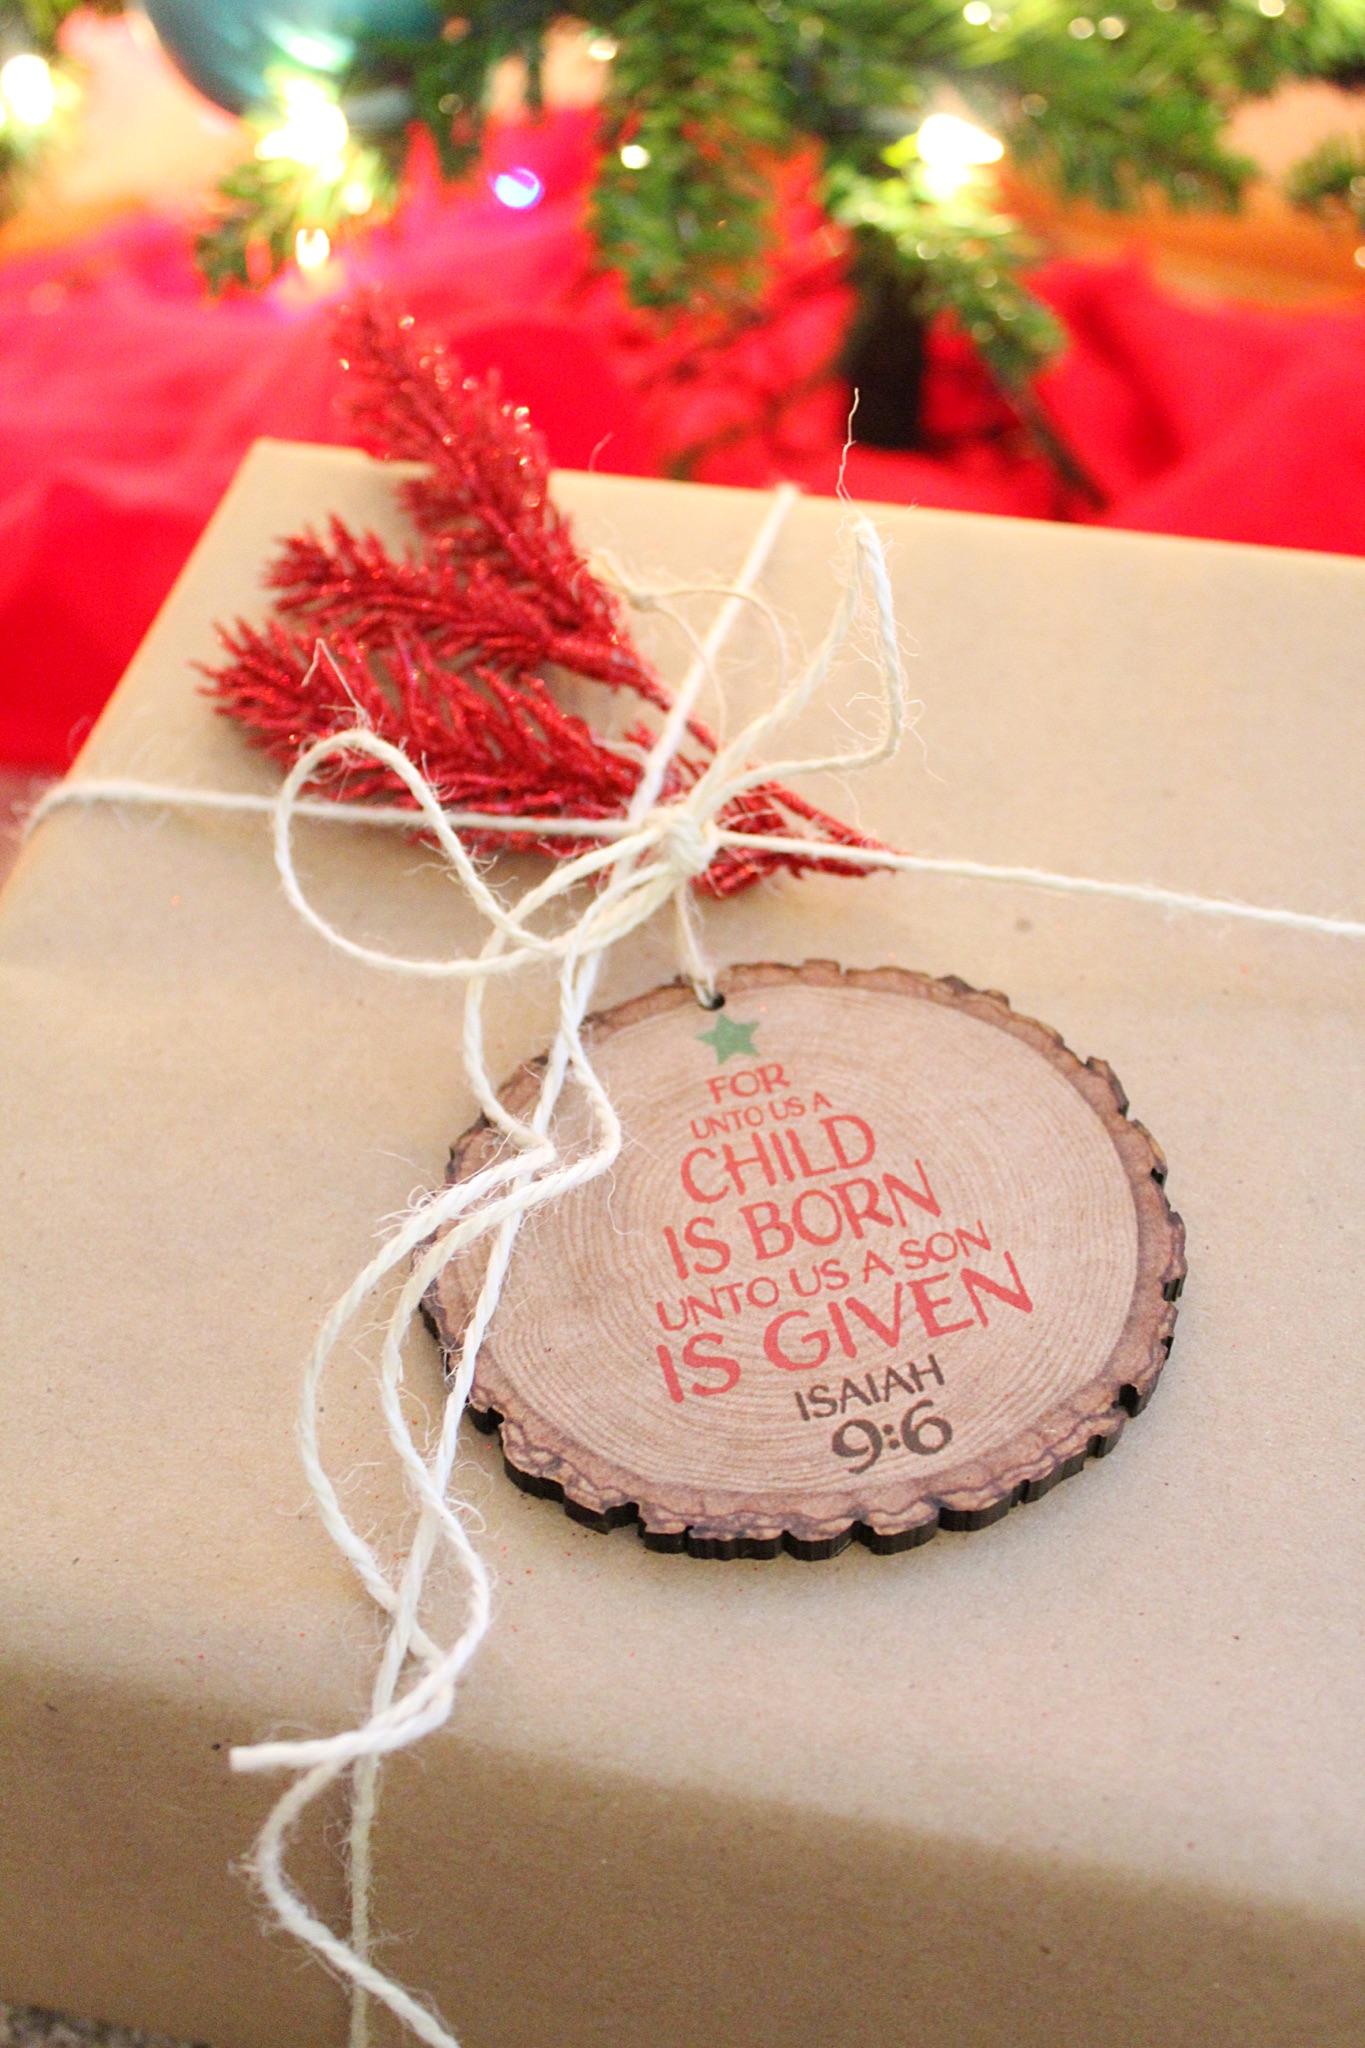 jesus-centered-gift-wrap.jpg